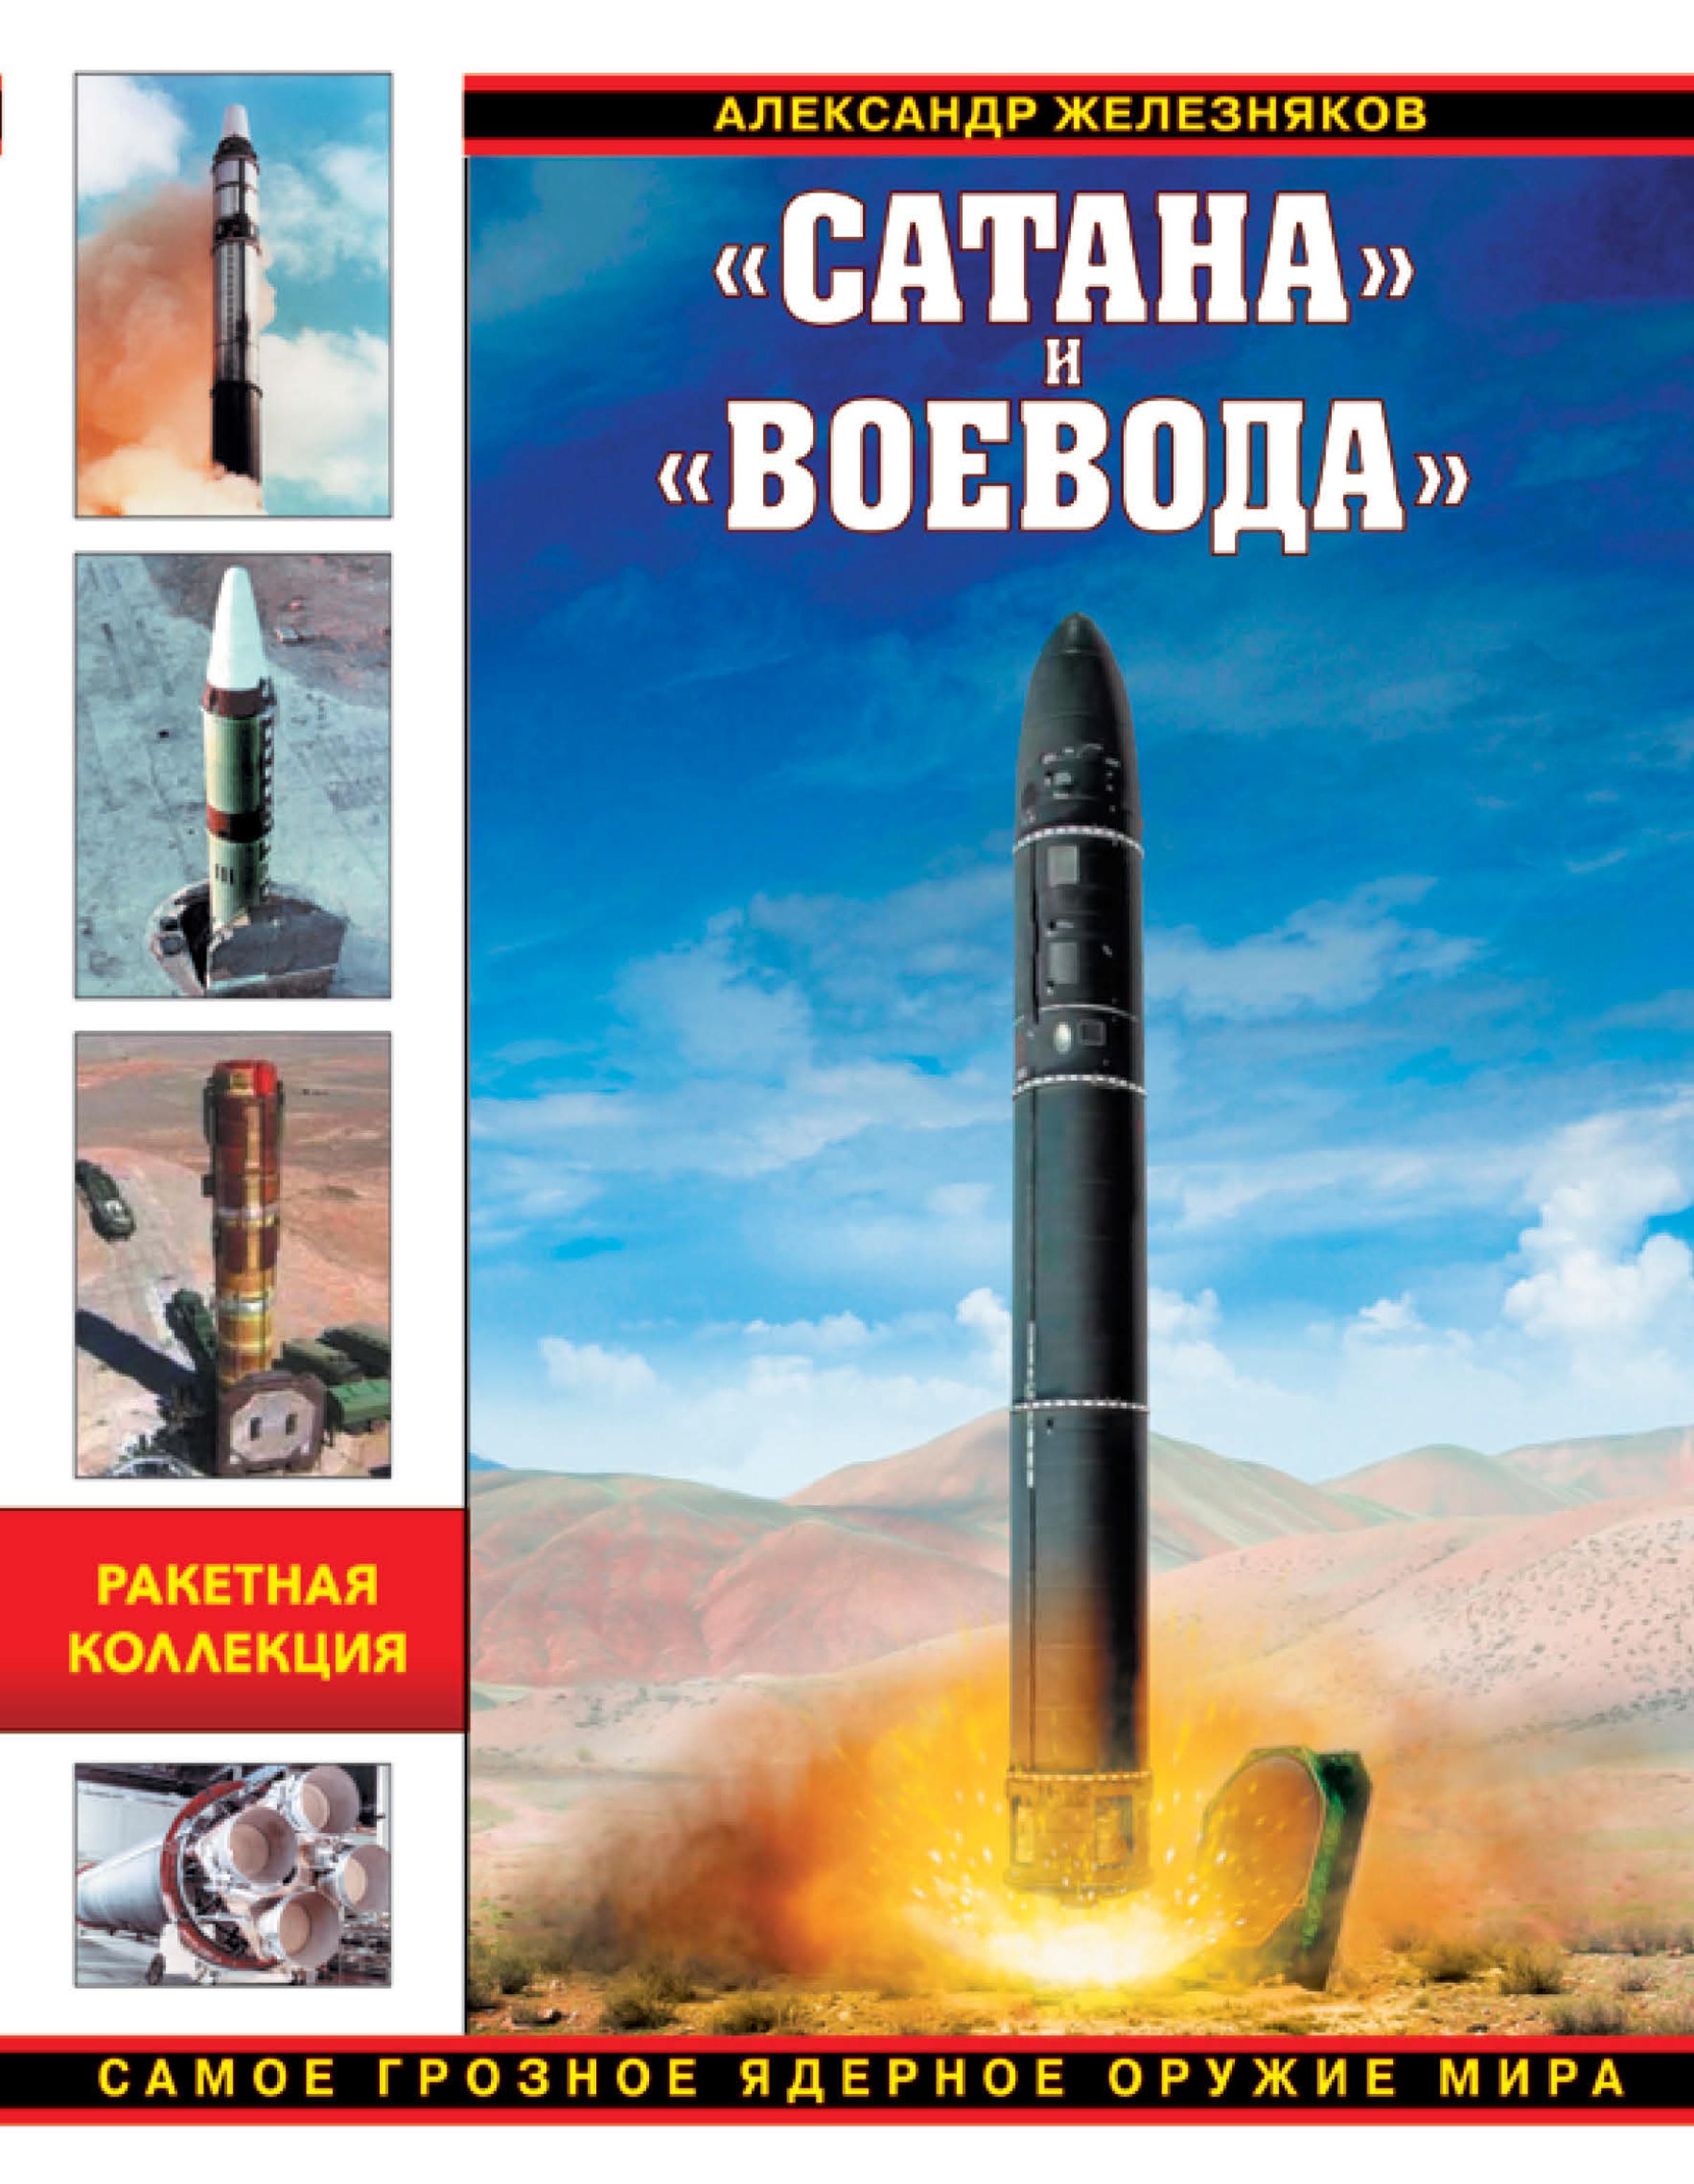 Александр Железняков «Сатана» и «Воевода». Самое грозное ядерное оружие мира александр железняков сатана и воевода самое грозное ядерное оружие мира